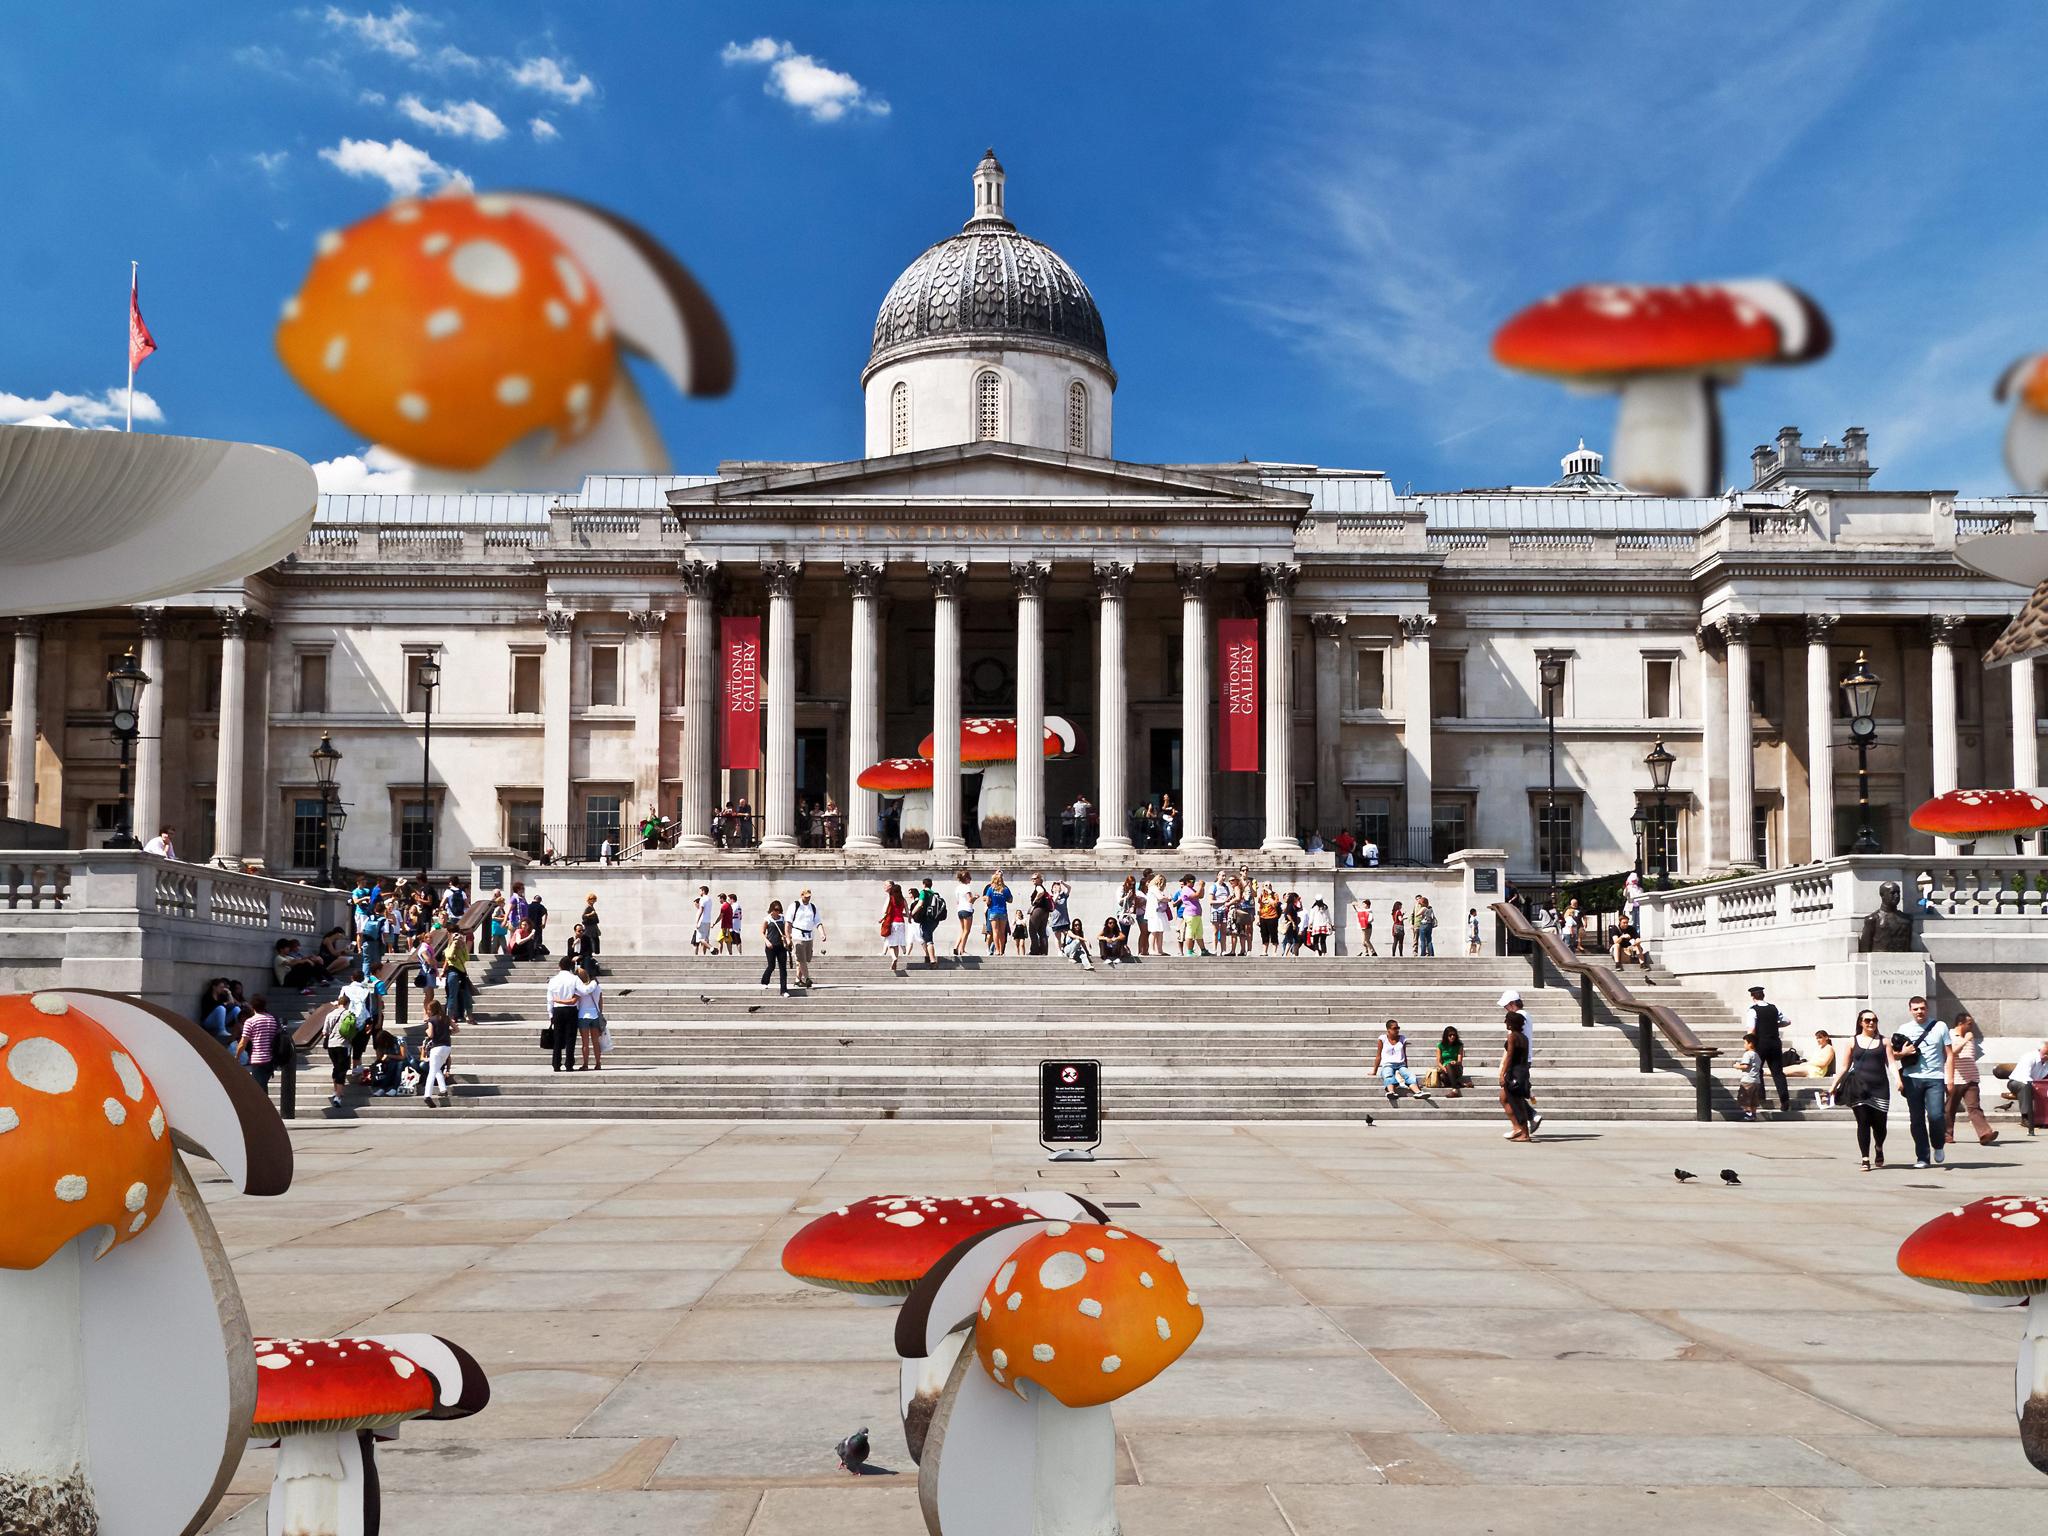 Carsten Holler, mushrooms in Trafalgar Square